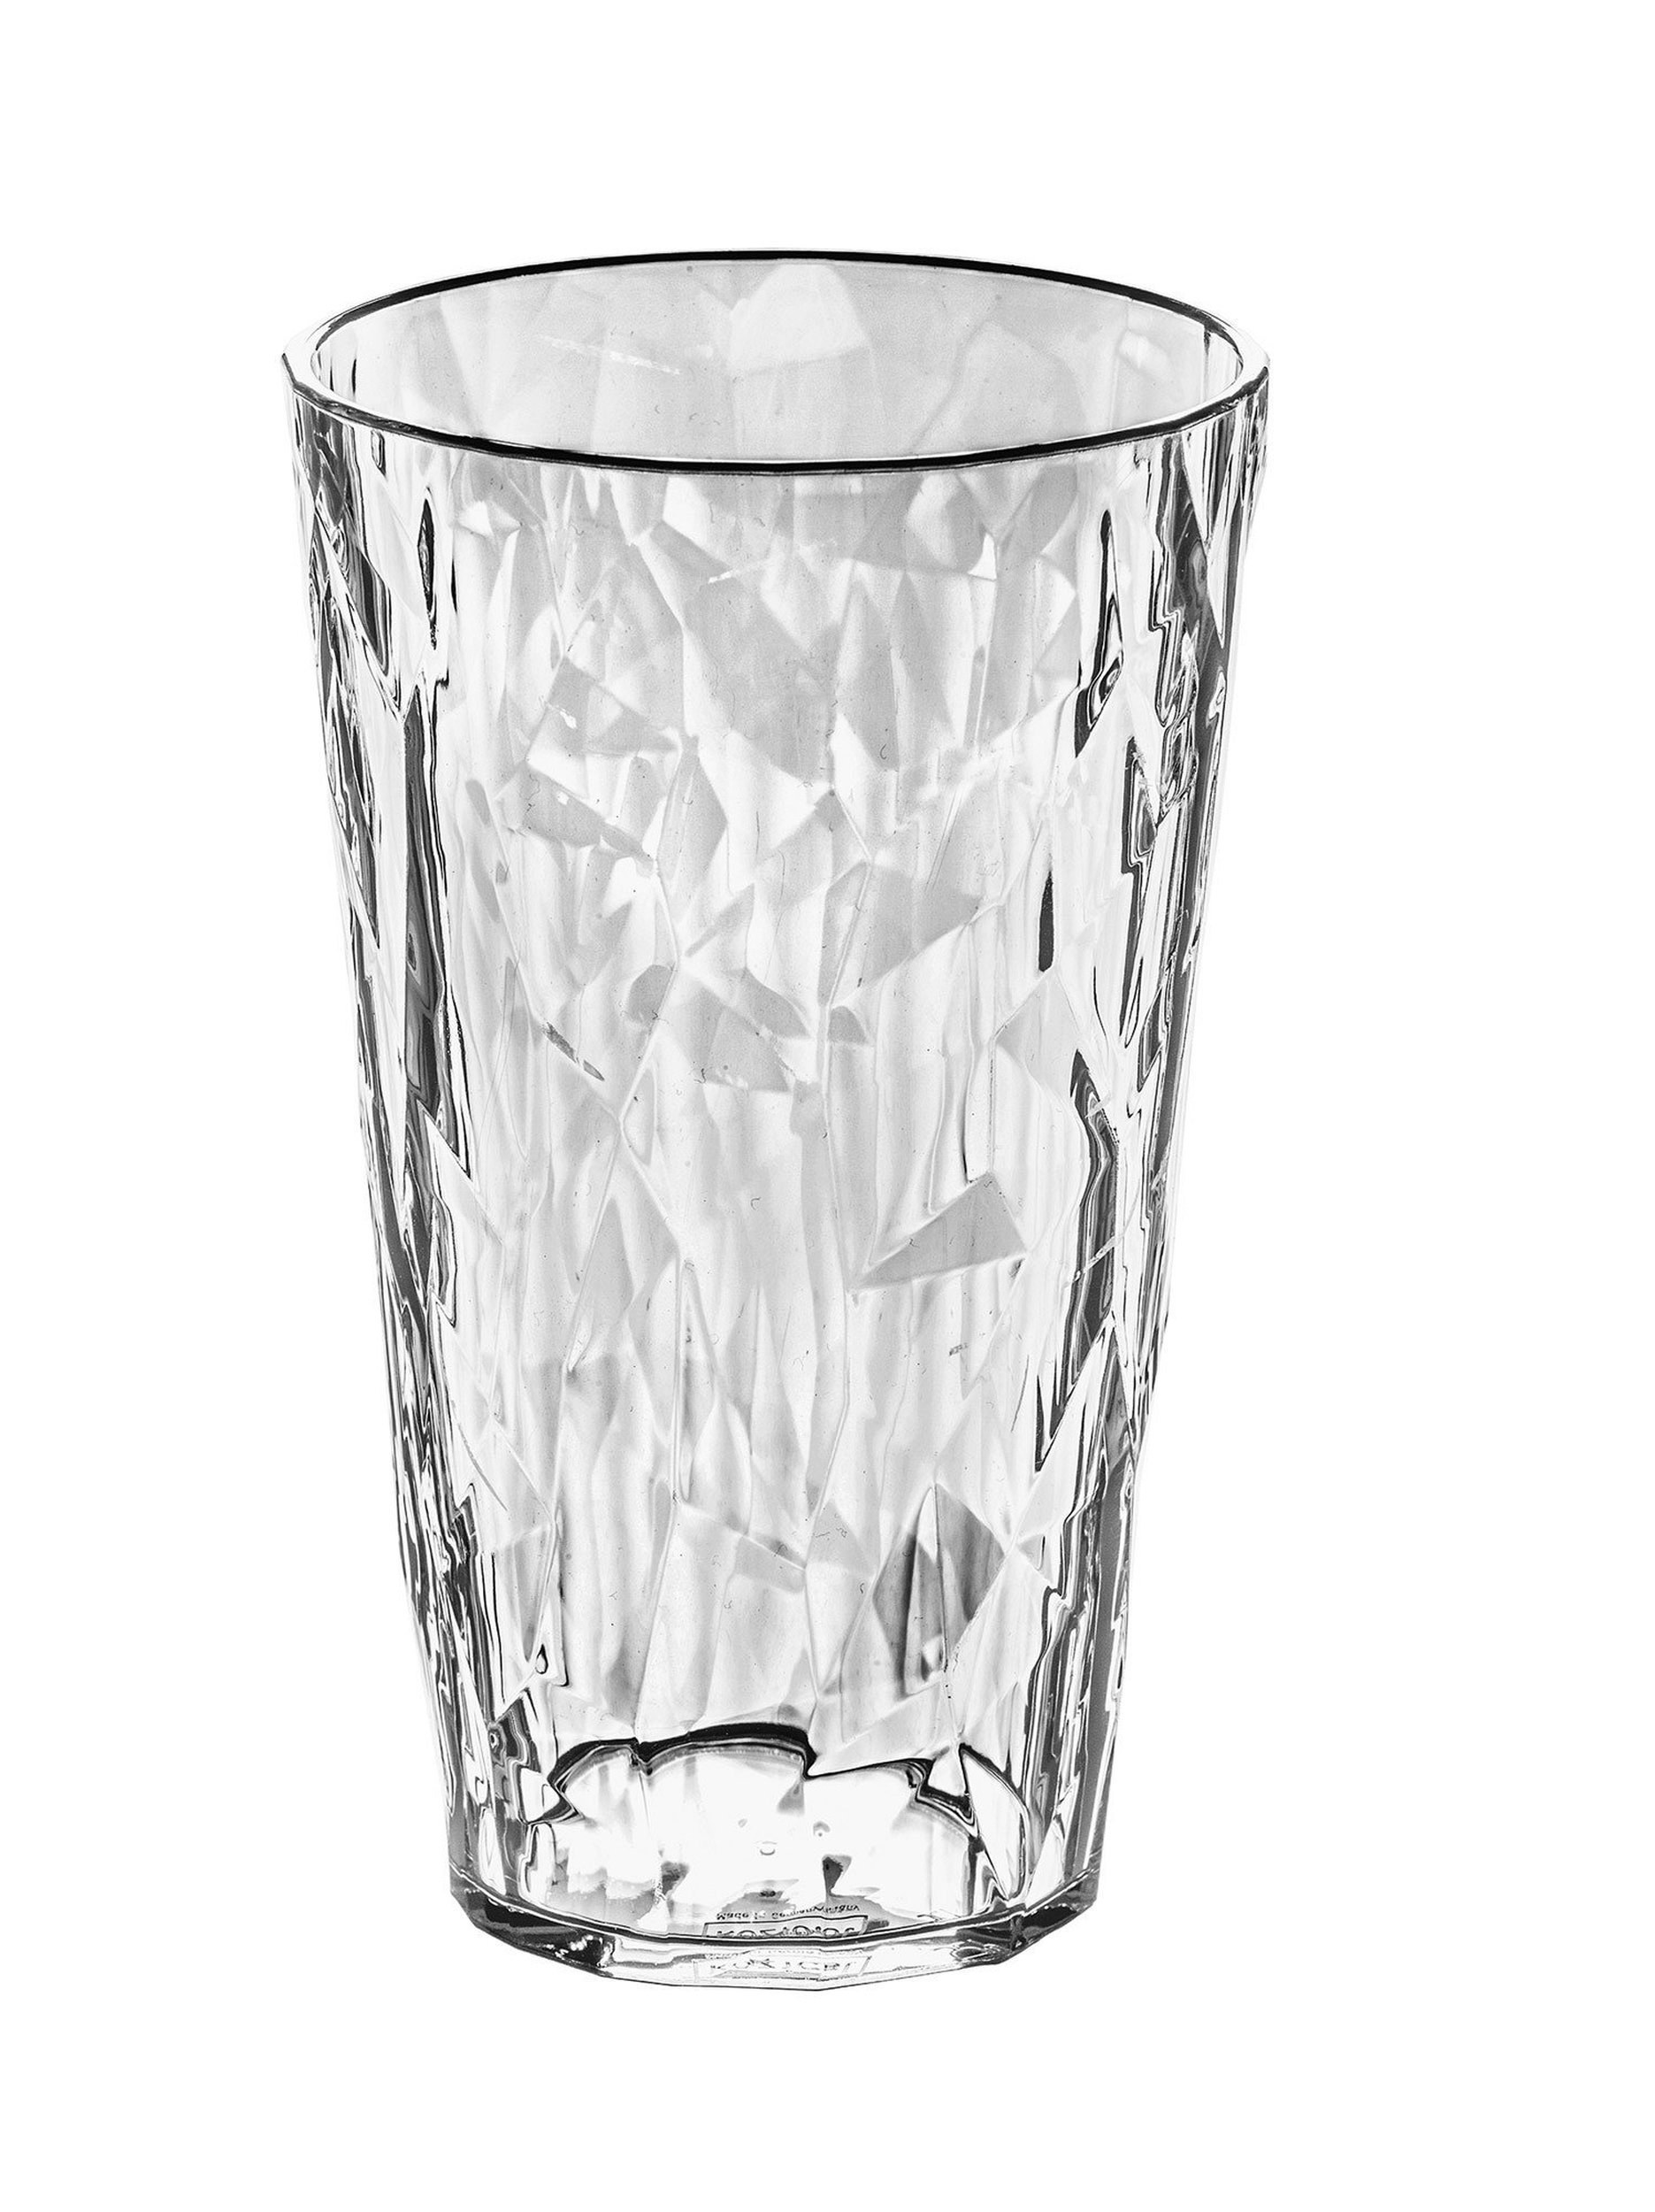 Szklanka Crystal 2.0 L transparentna